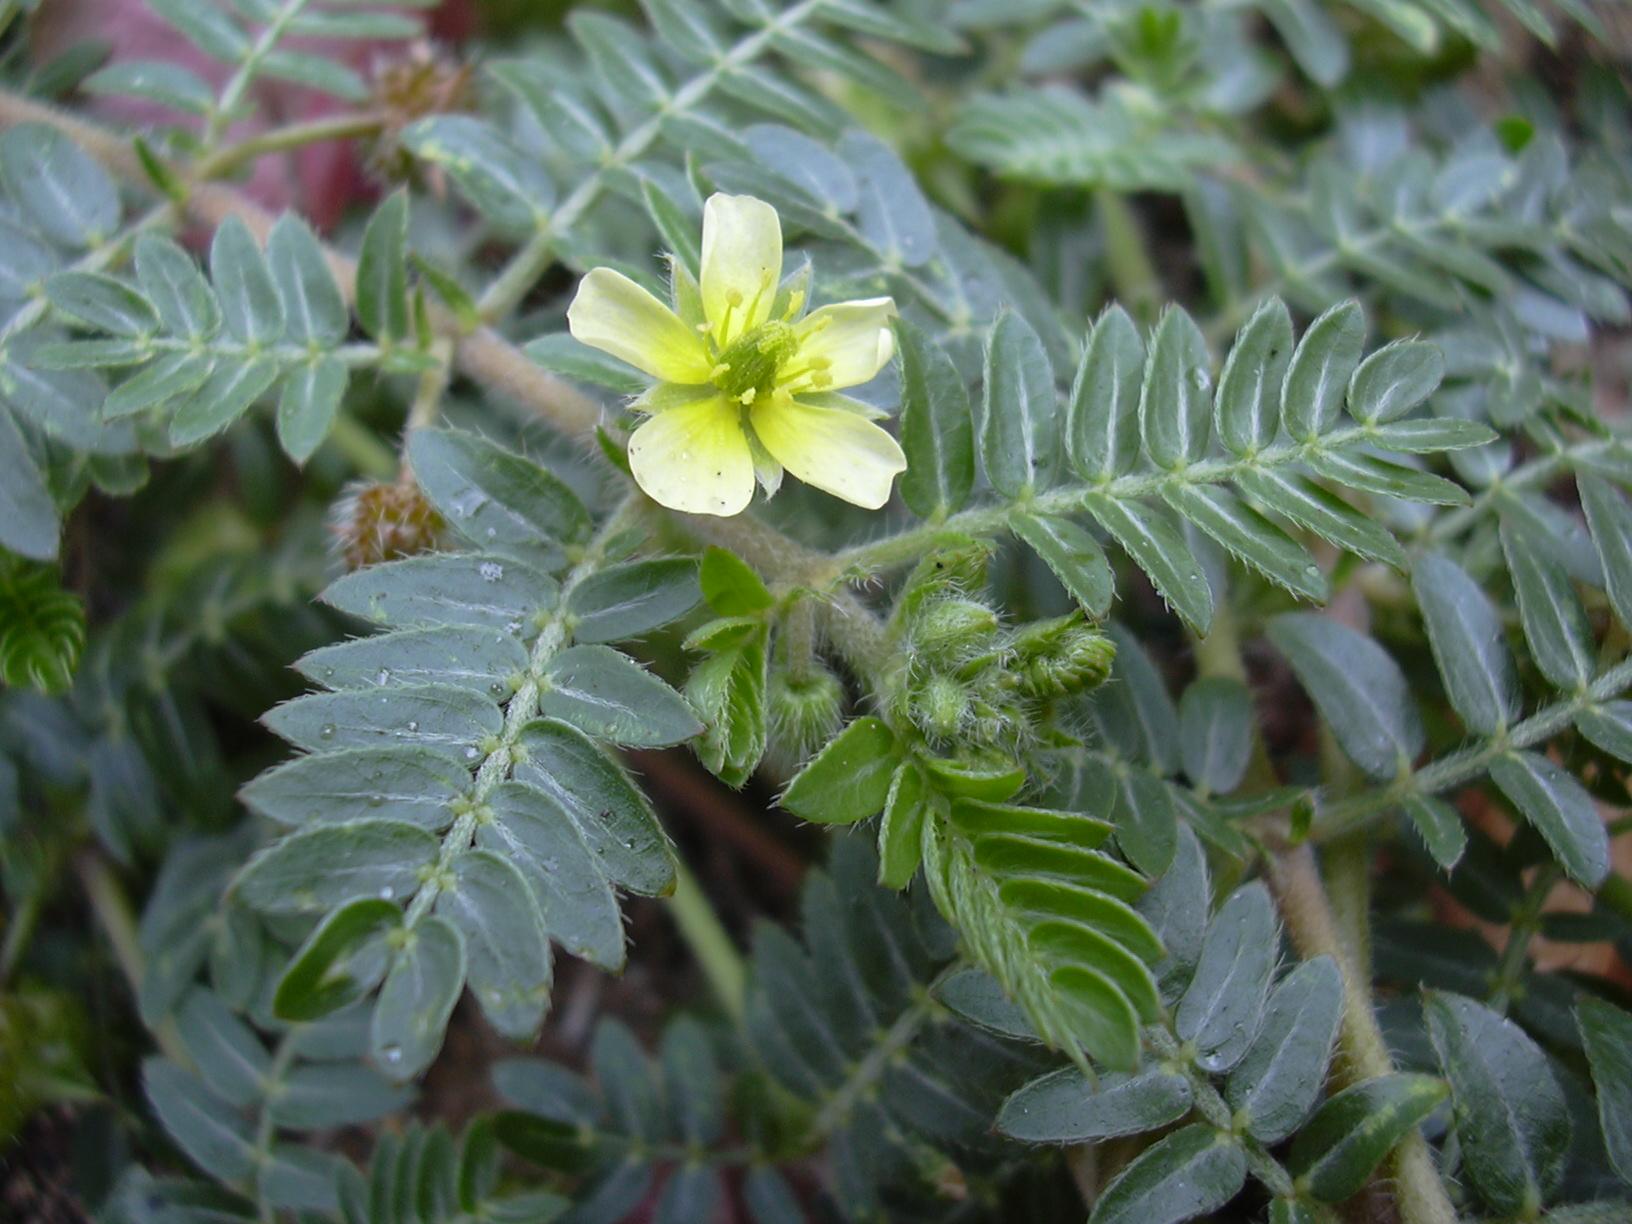 semillas de fenogreco donde comprar ecuador